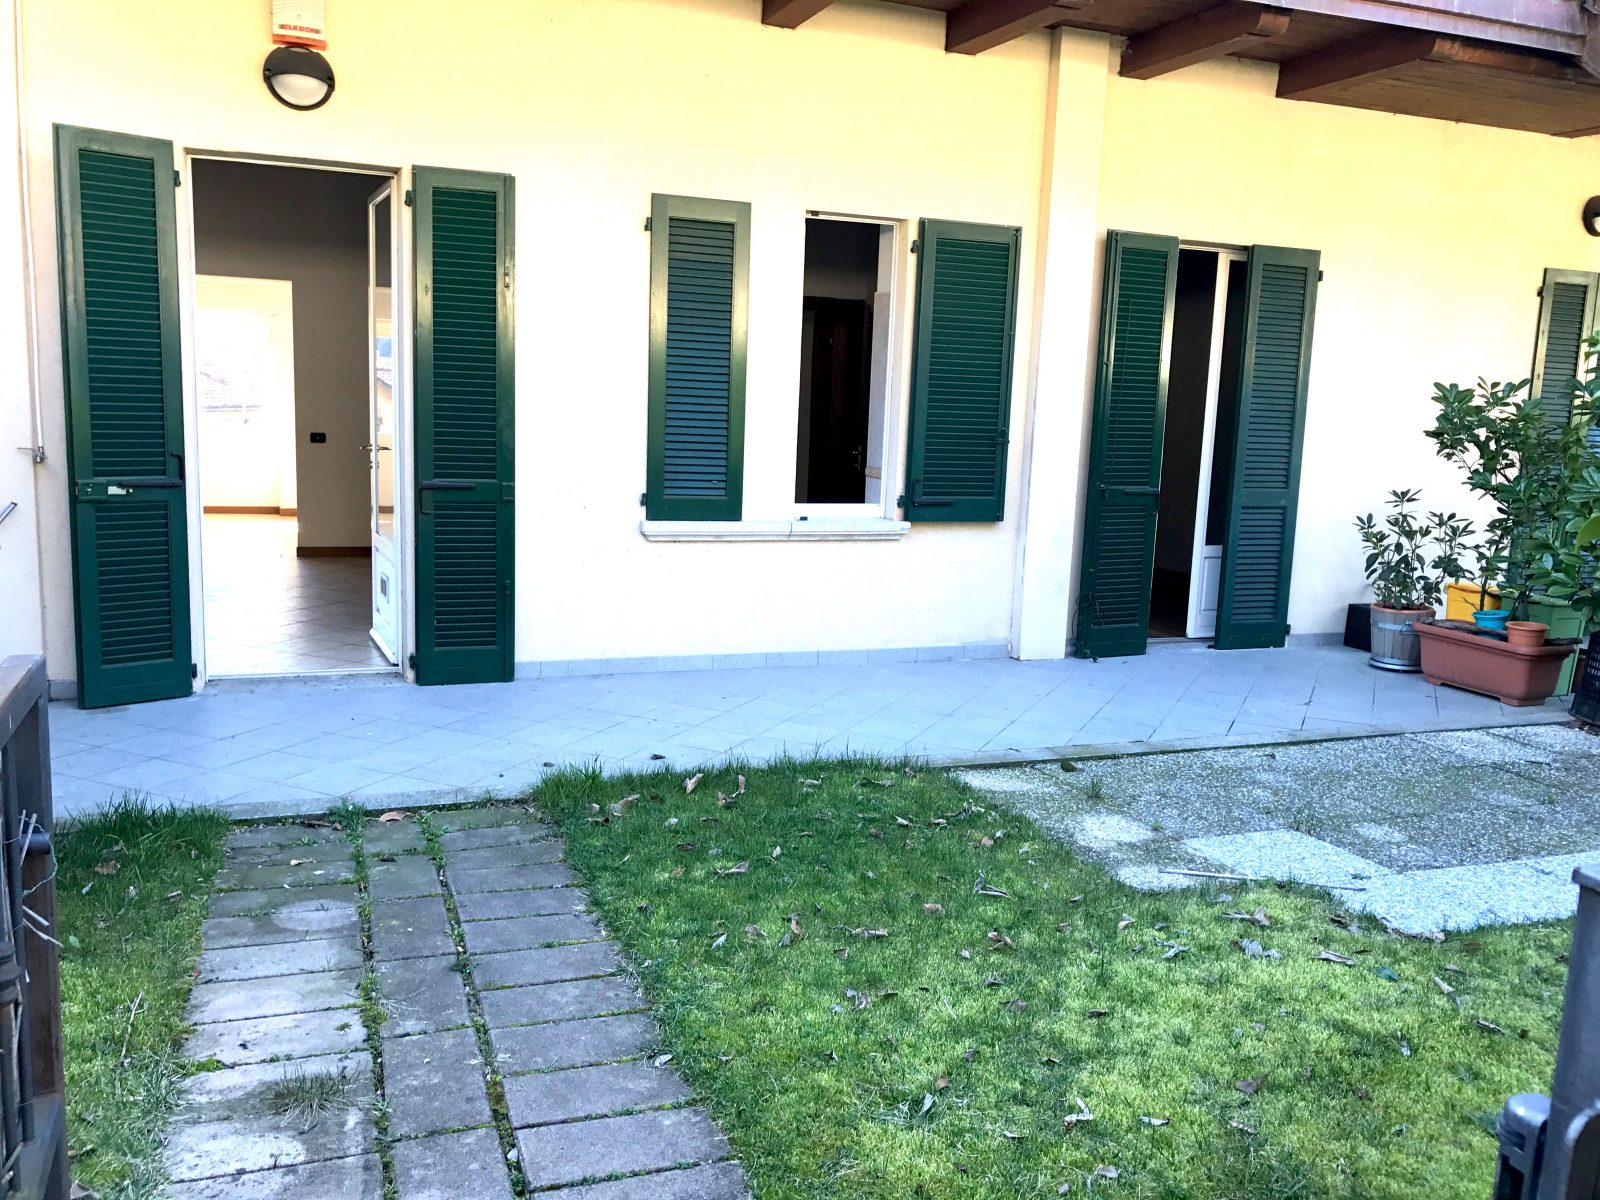 Appartamento camnago volta como con giardino e box doppio for Case in vendita con appartamento seminterrato